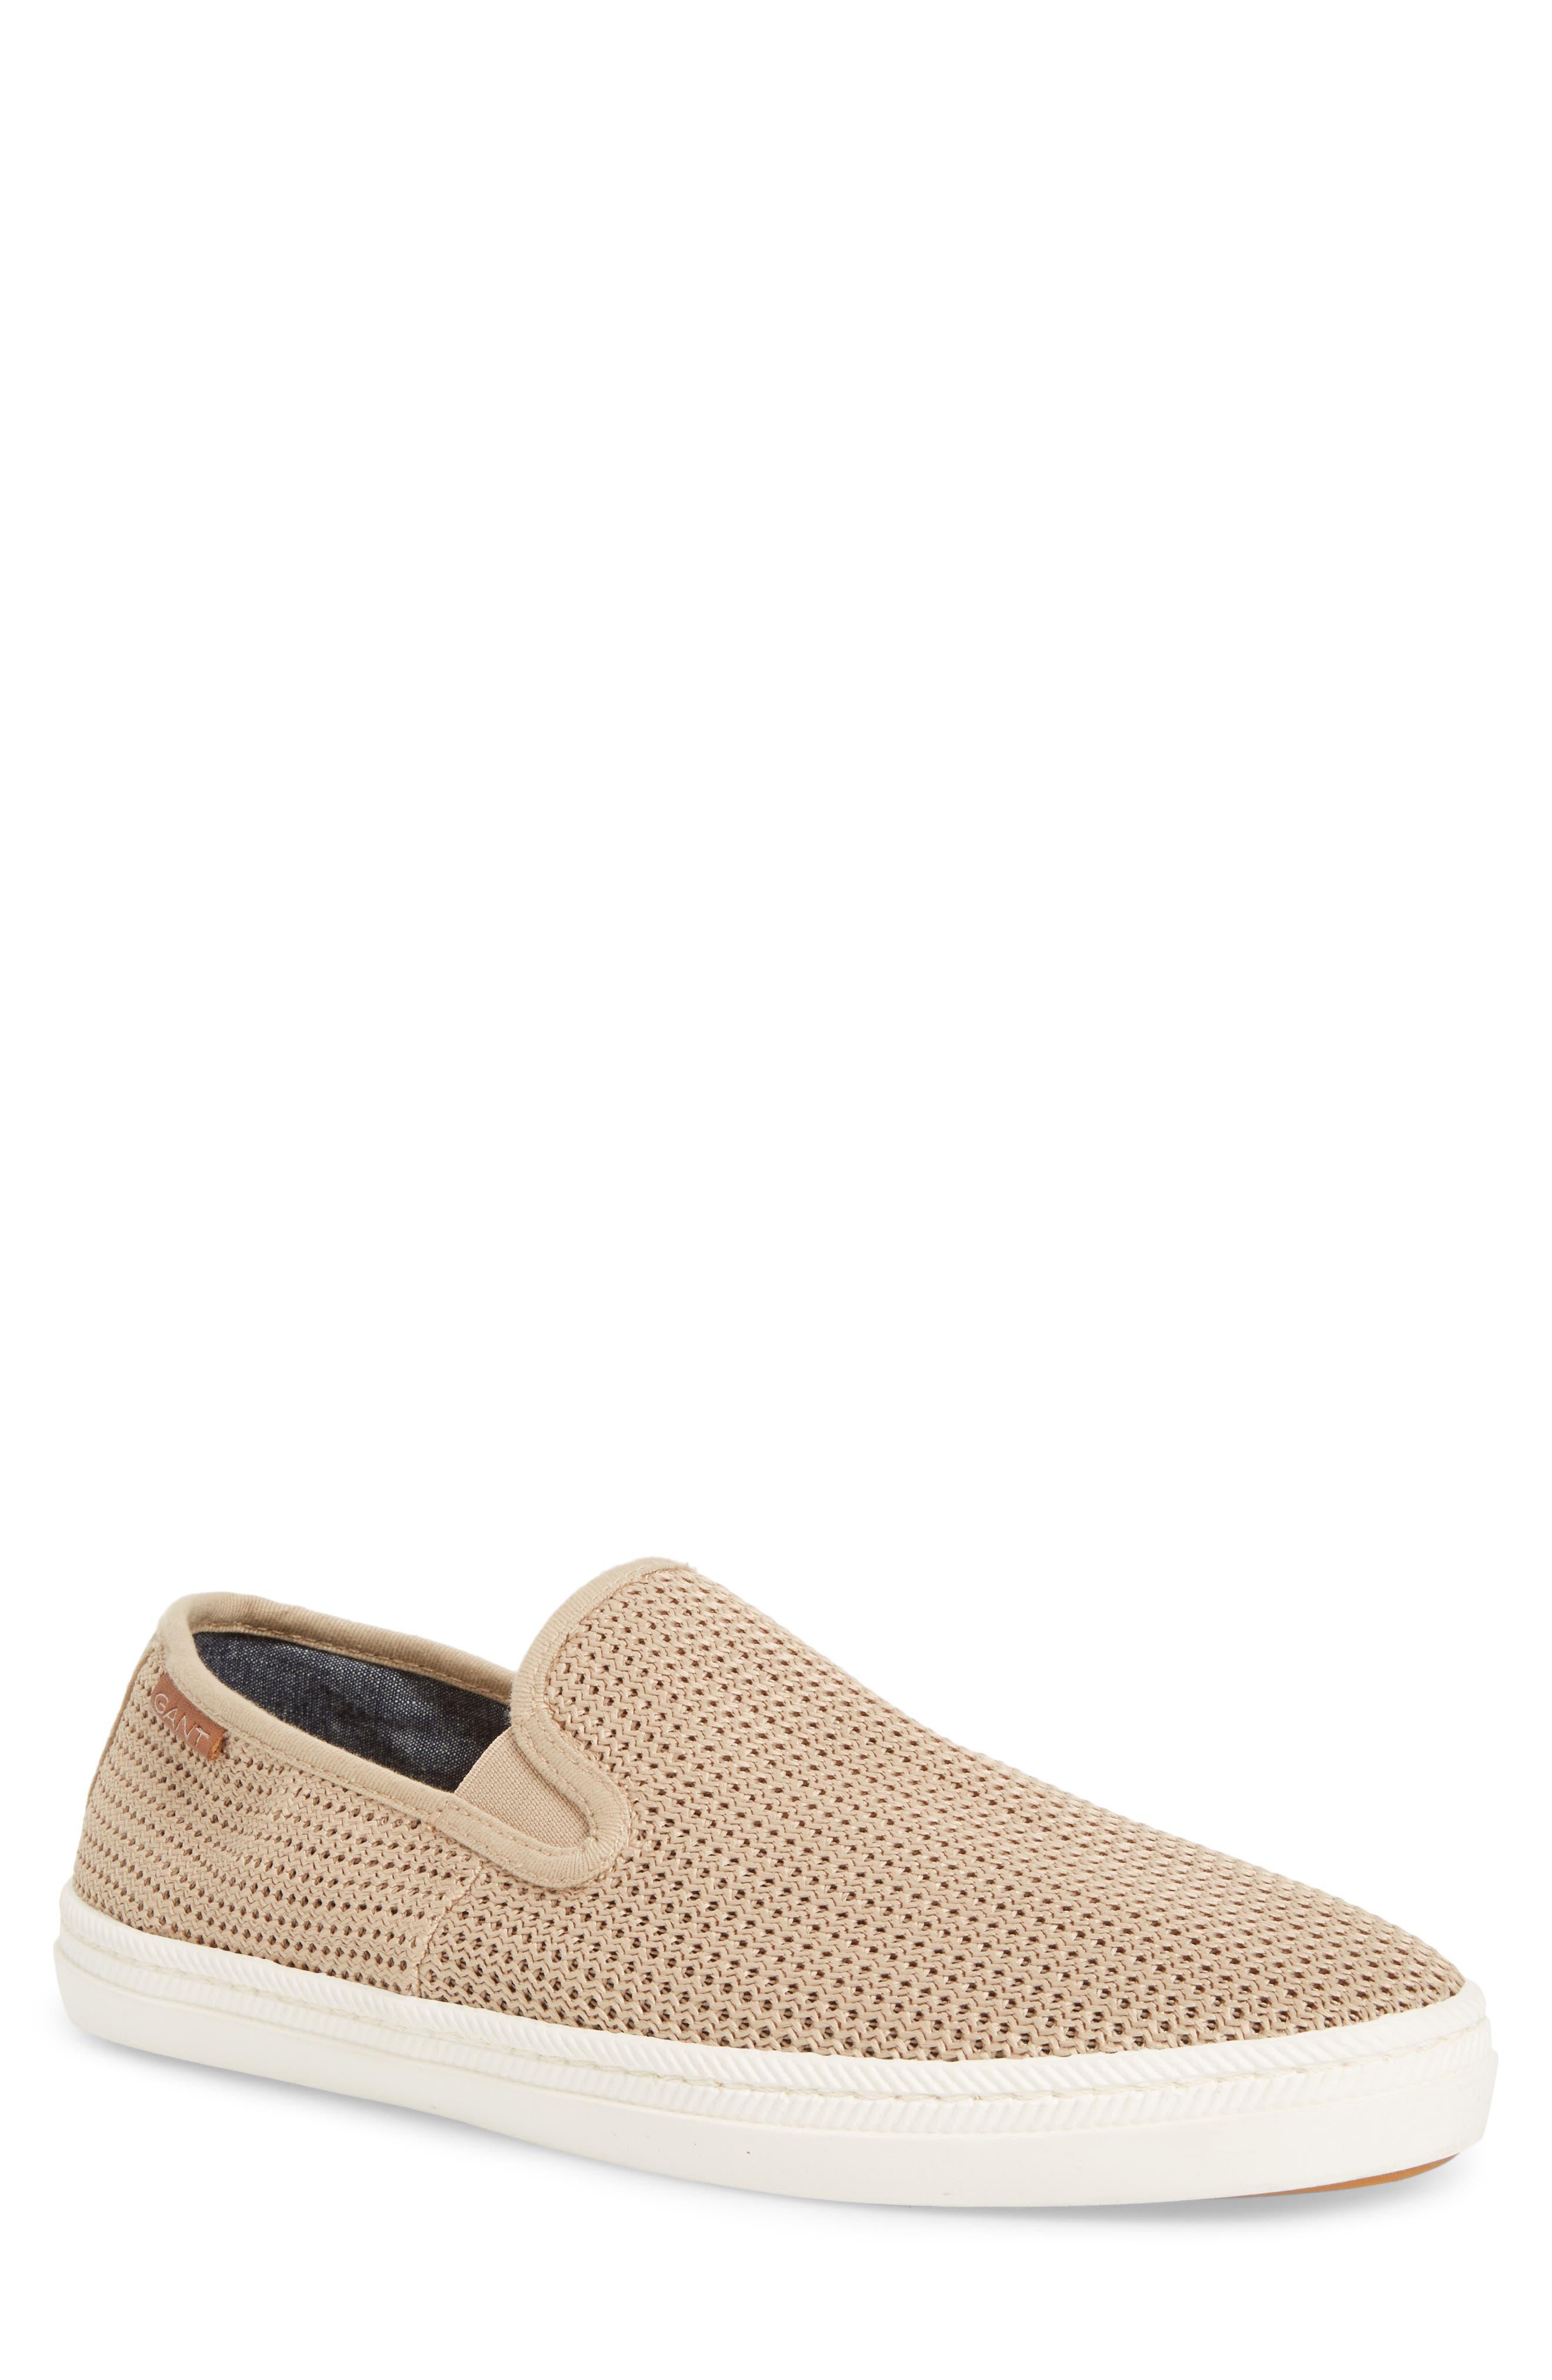 Viktor Woven Slip-On Sneaker,                             Main thumbnail 1, color,                             Dry Sand